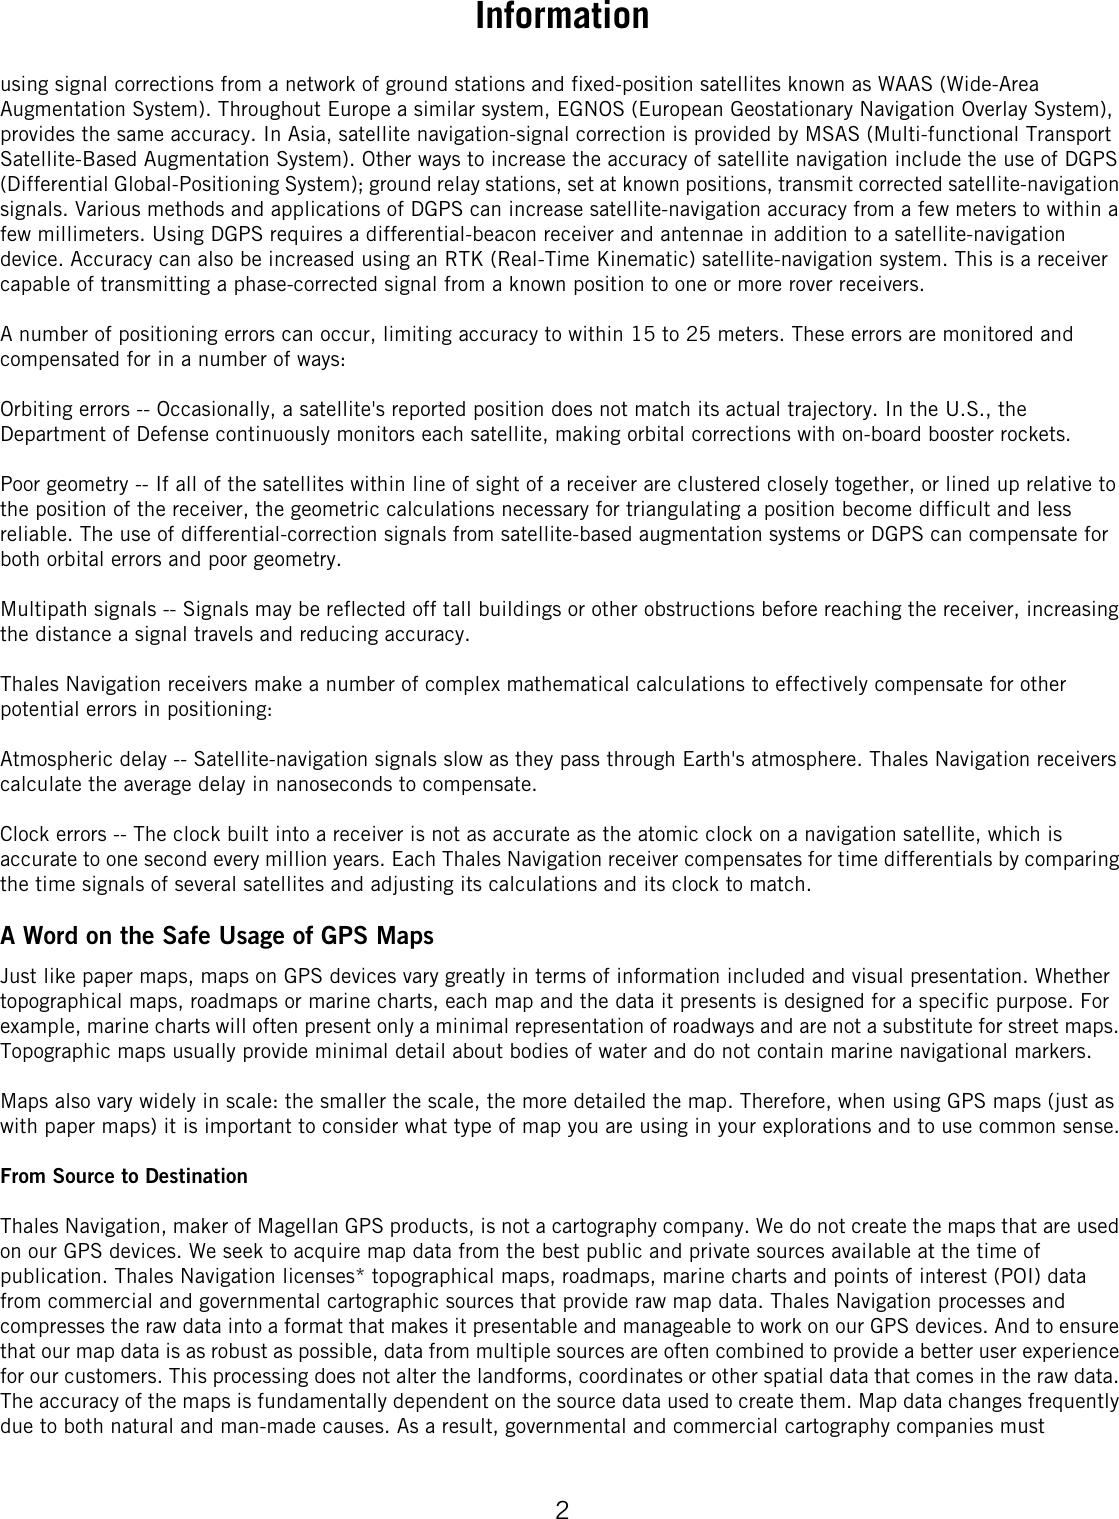 Magellan Roadmate 760 Users Manual 631241 01A